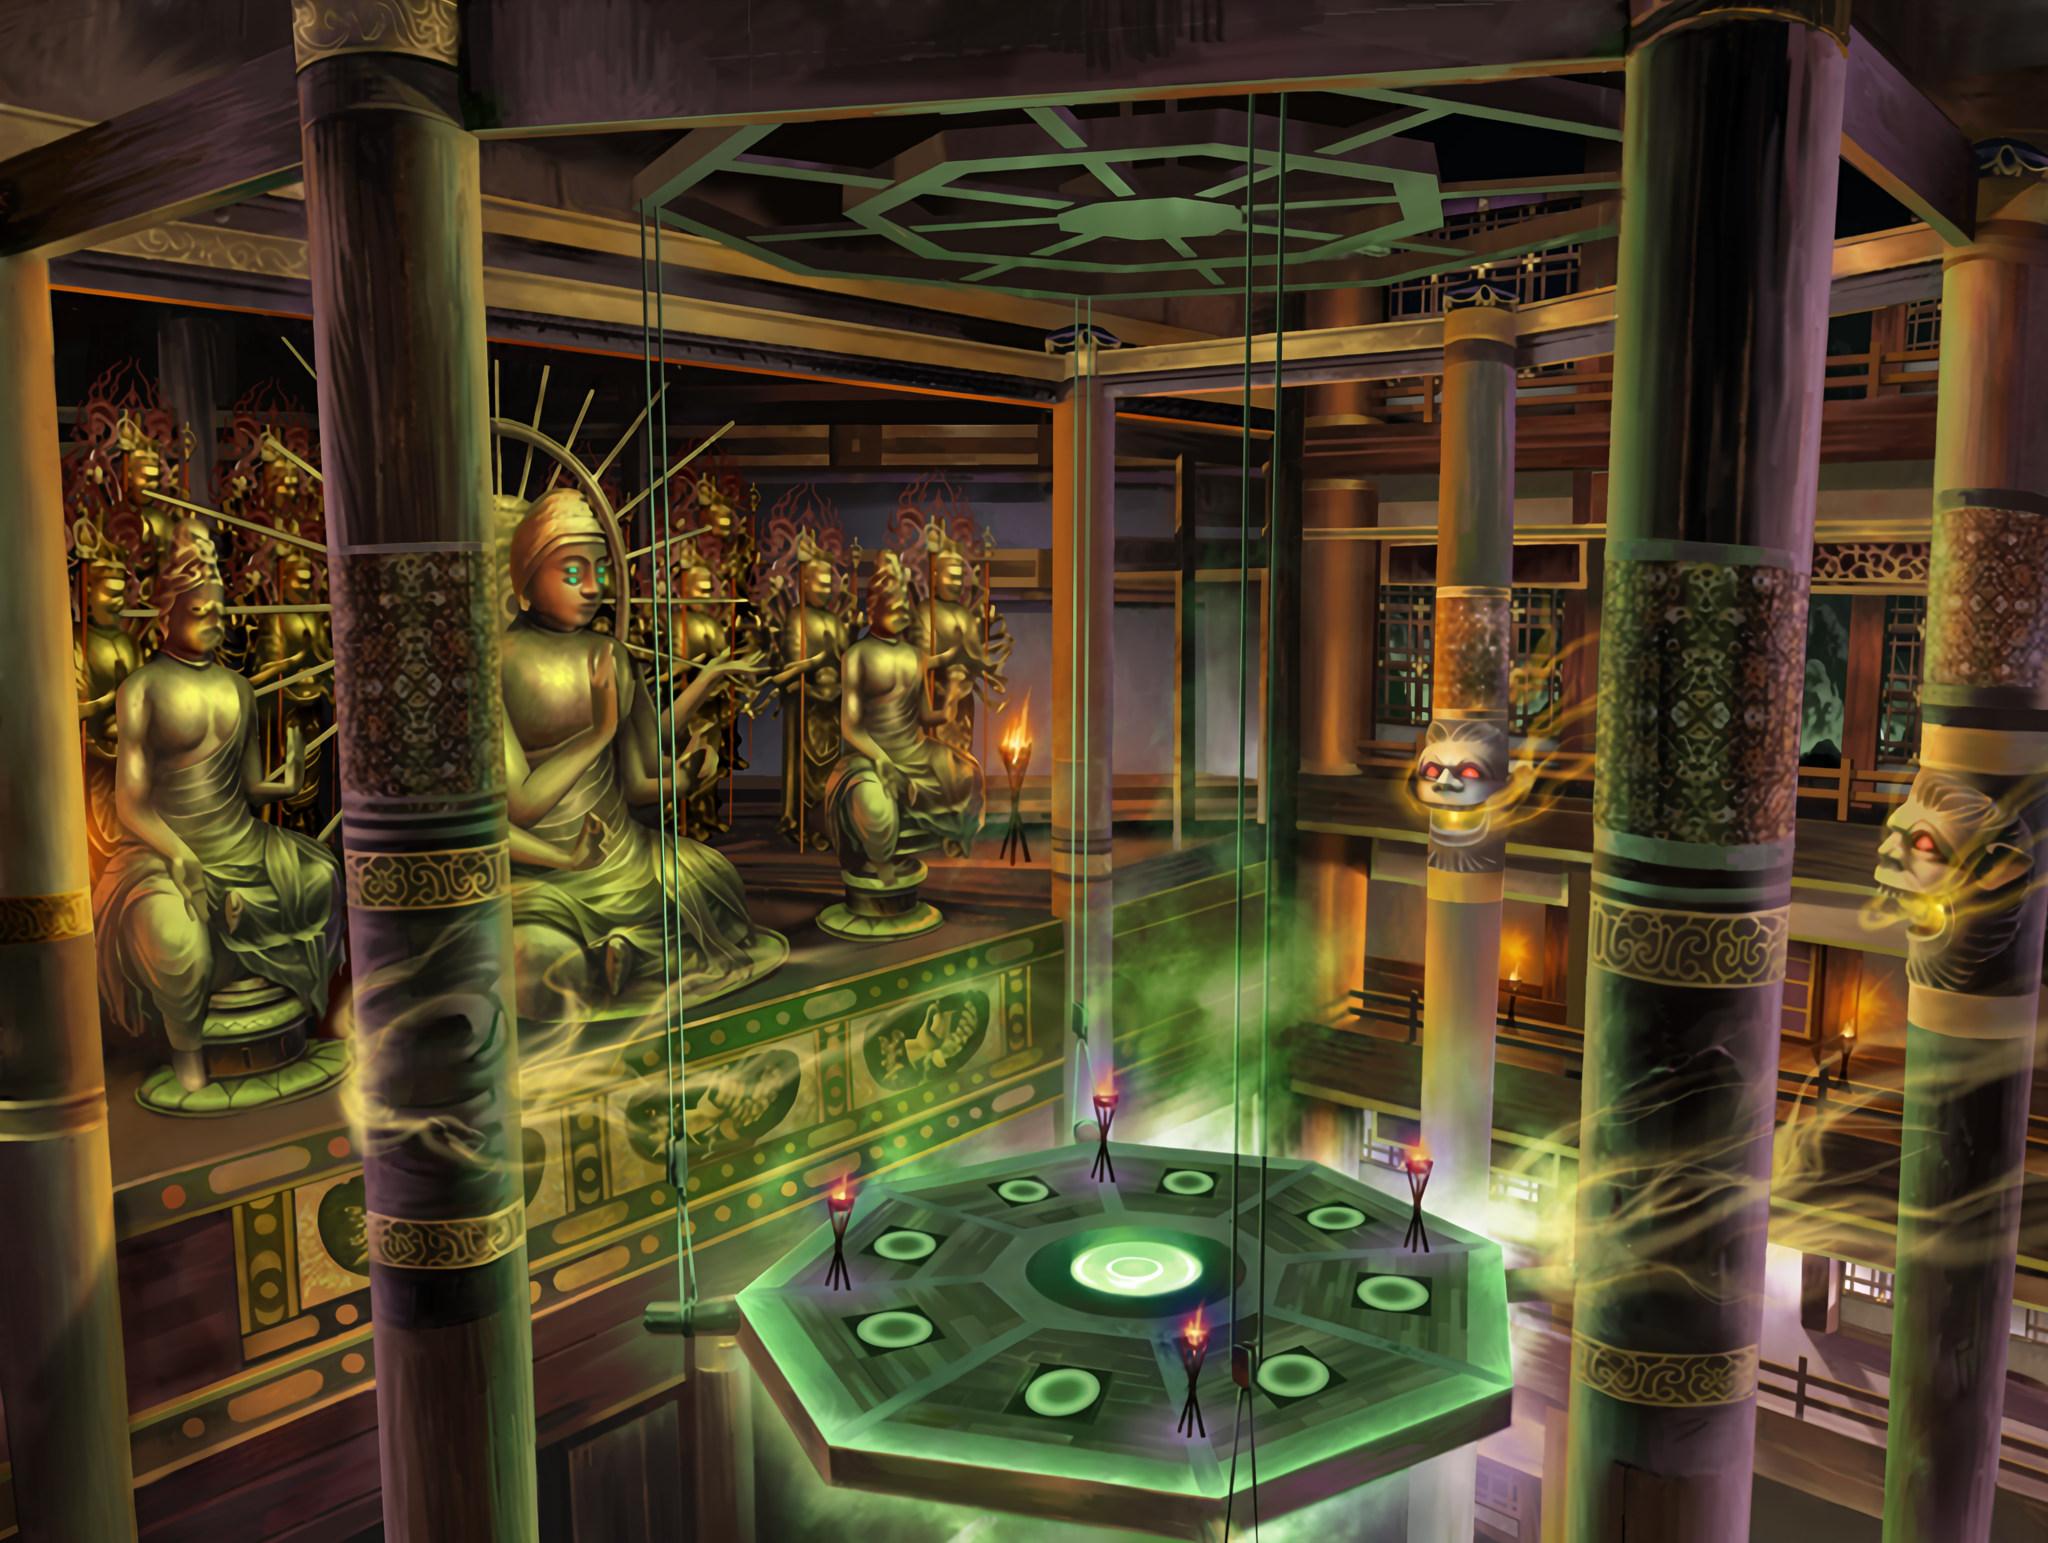 File:Underground Bhuddhist Sanctum.jpg